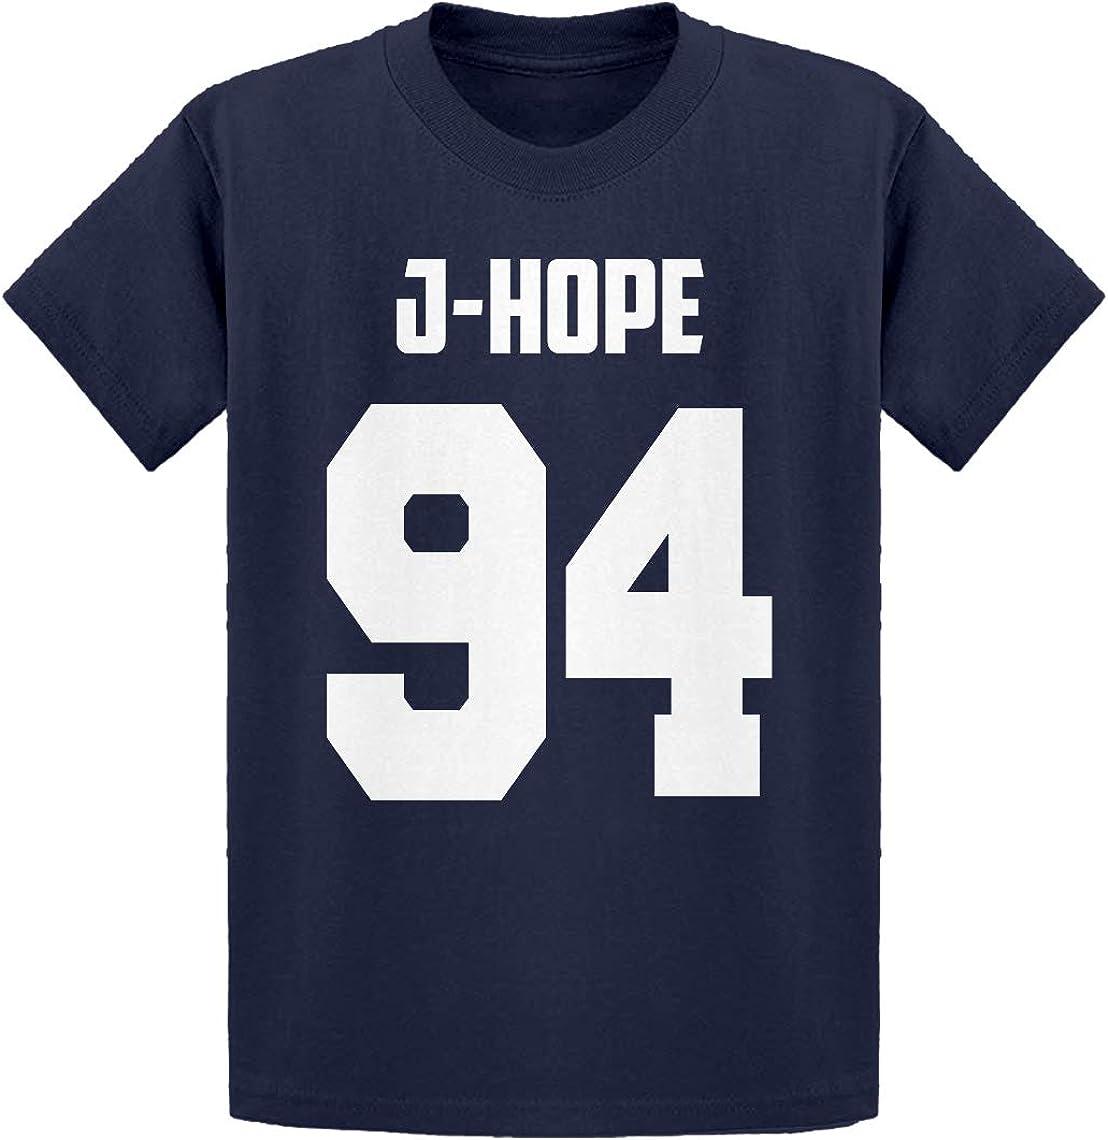 J-Hope 94 Kids T-Shirt